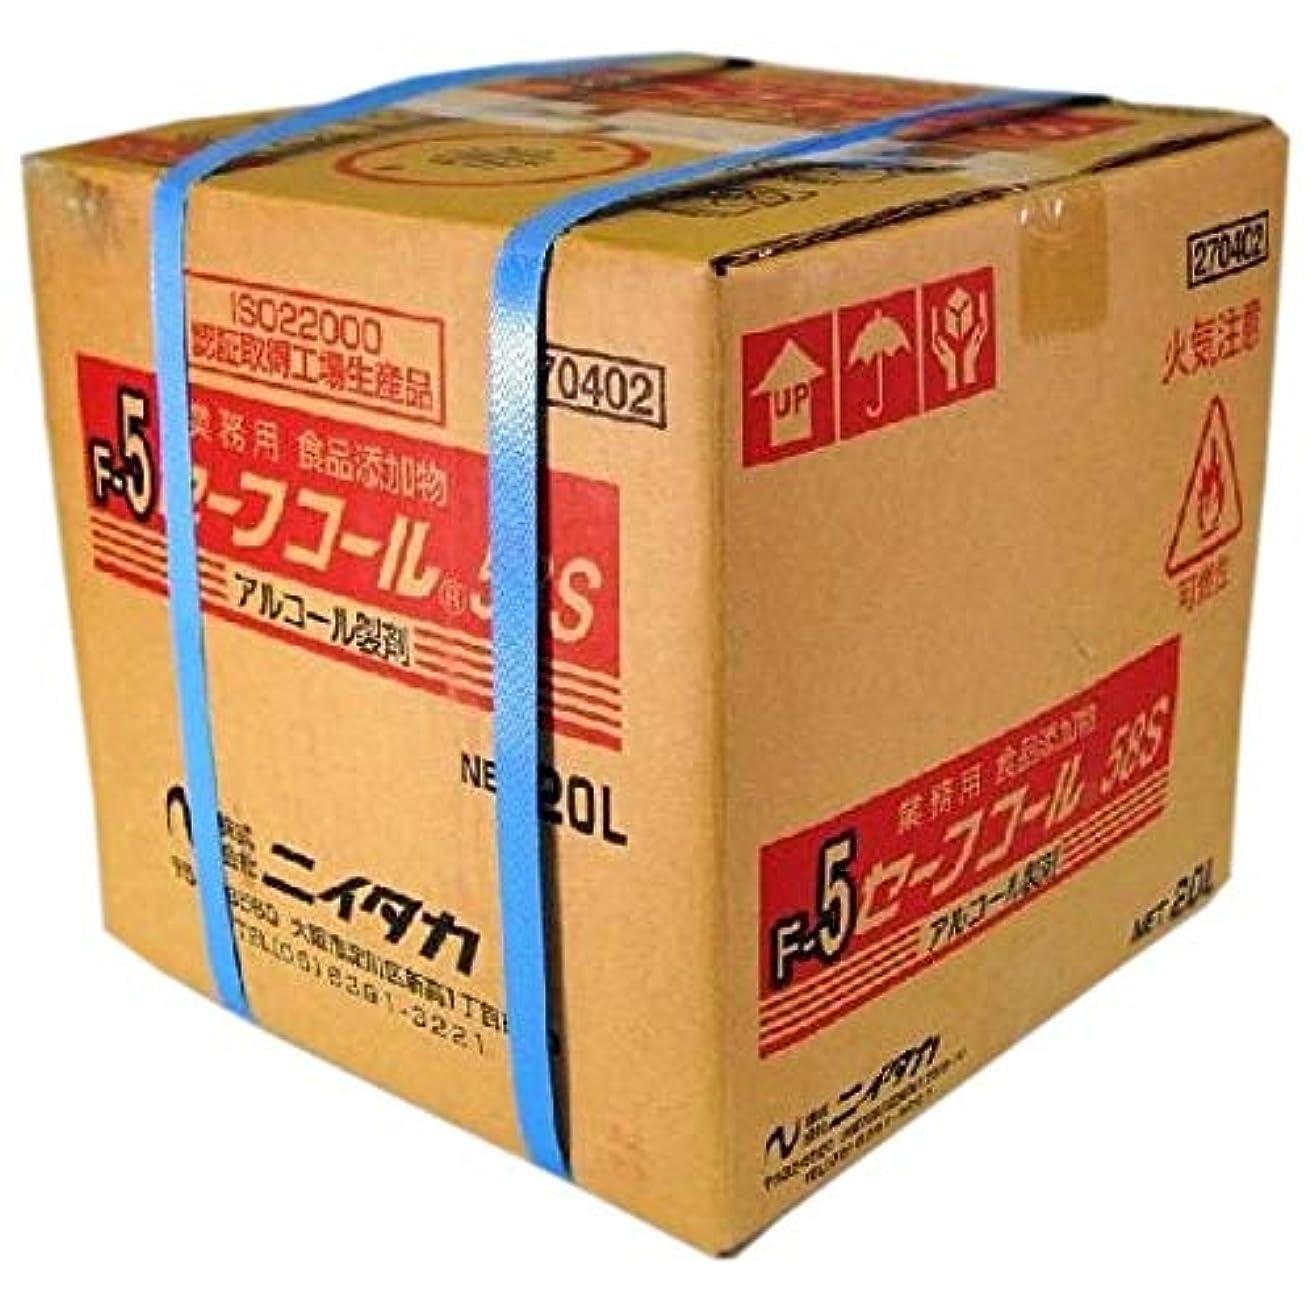 給料マイクロフォンナイトスポットニイタカ セーフコール58S 20L ×1本(BIB)